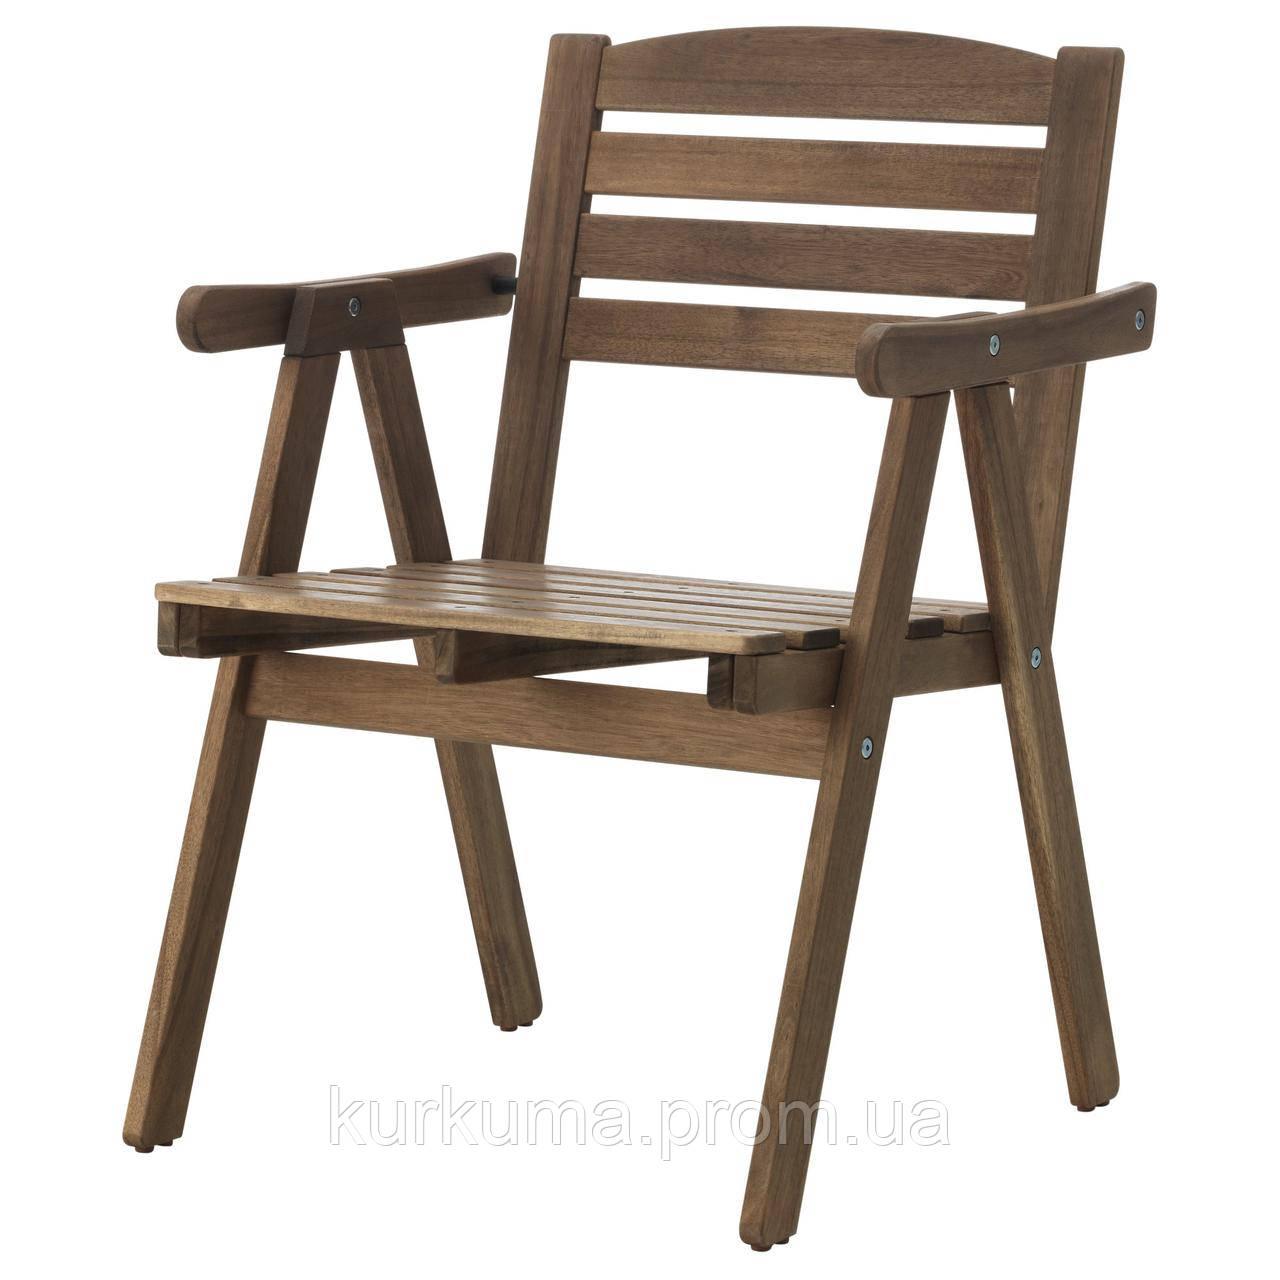 IKEA FALHOLMEN Садовый стул, серо-коричневая морилка  (503.130.94)